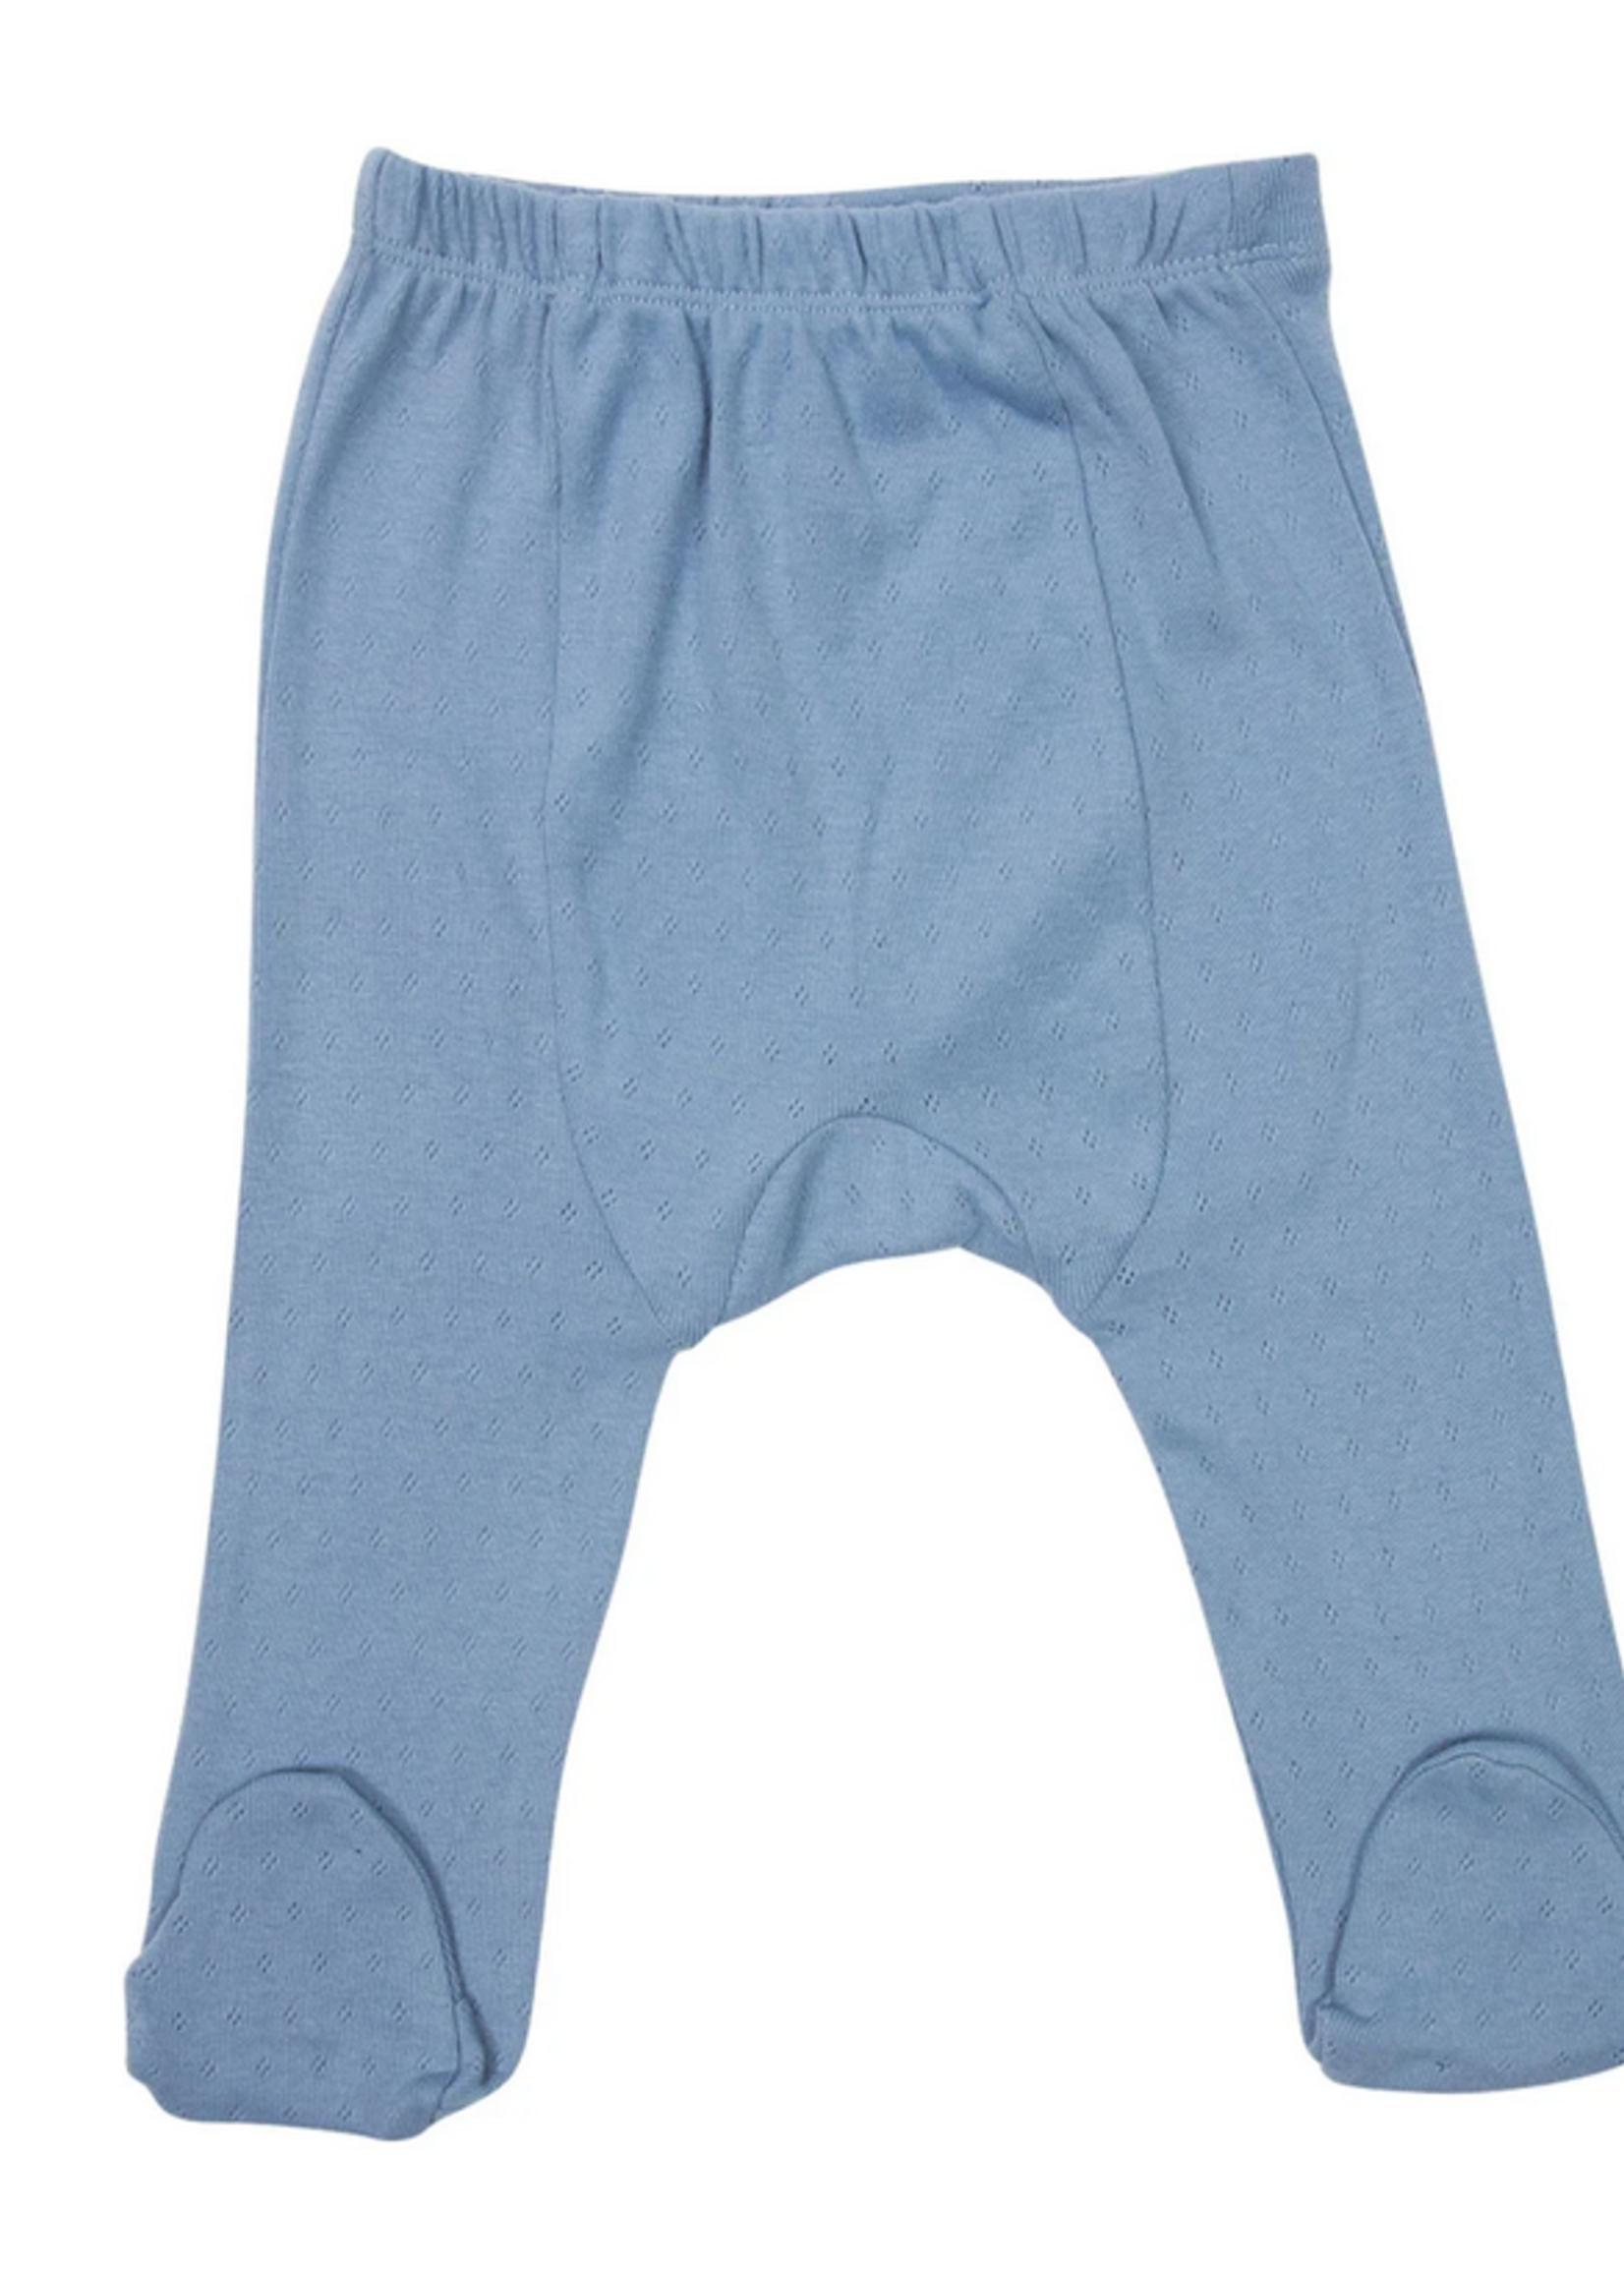 Elitaire Petite Organic Baby Legging in Blue